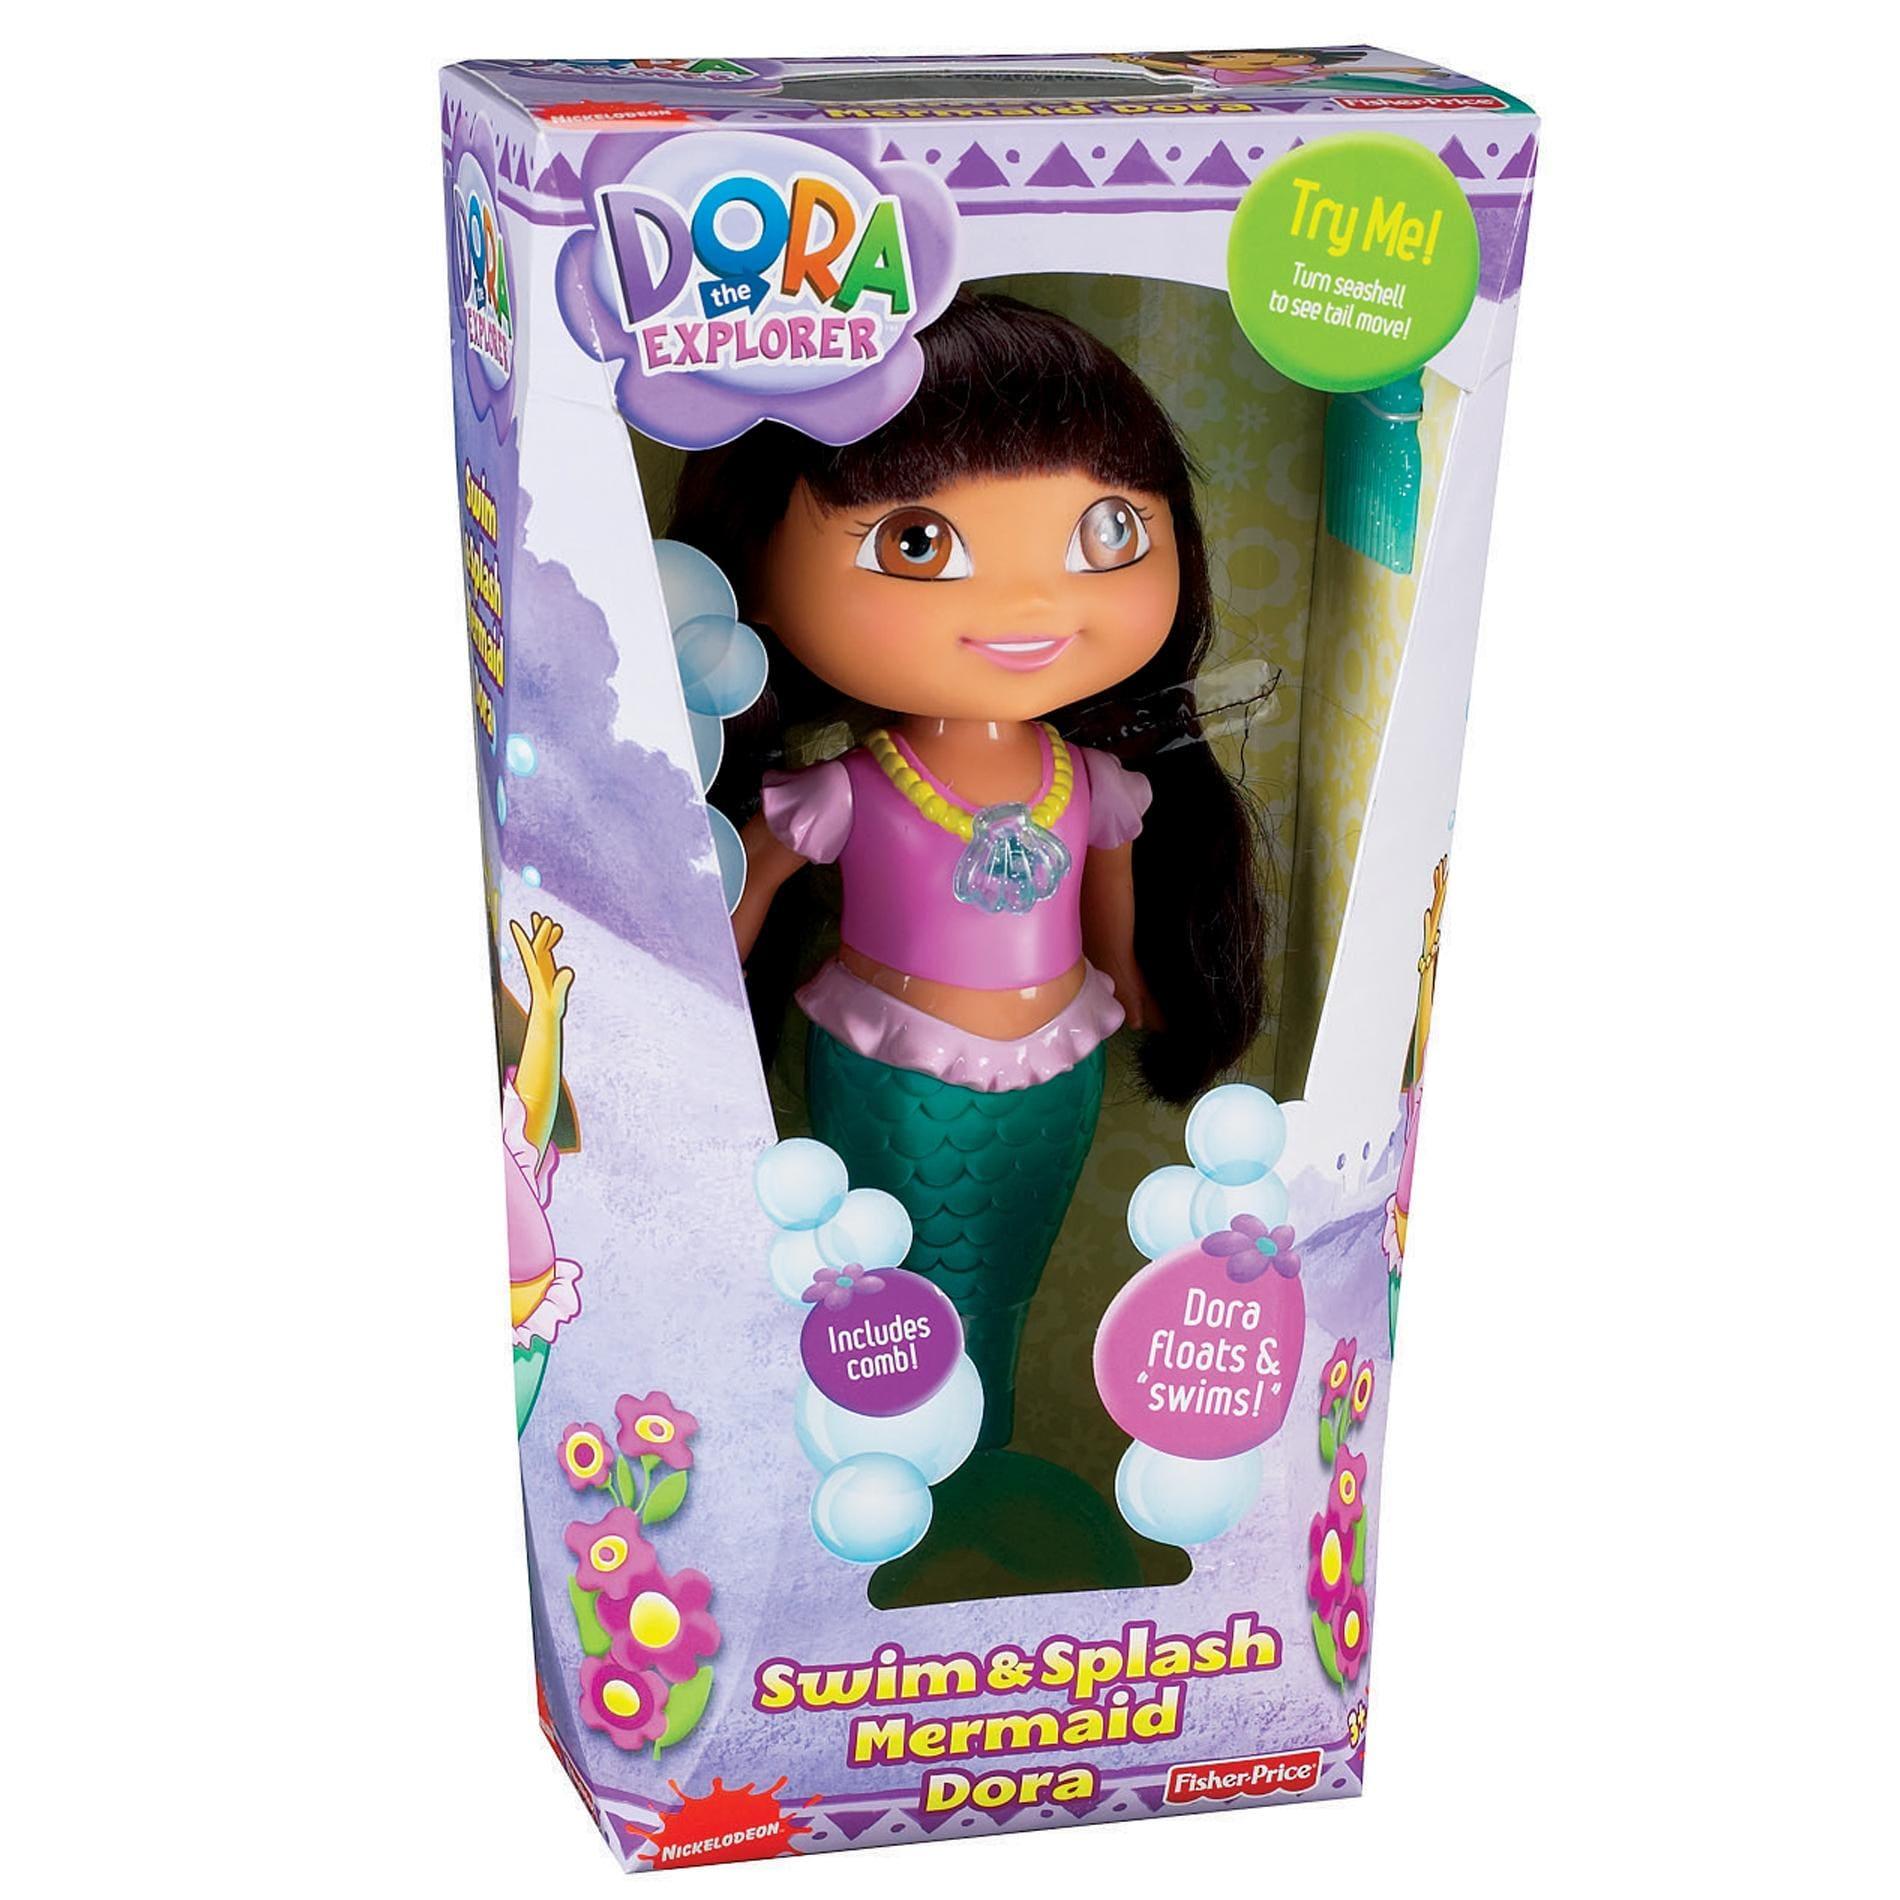 Fisher Price Dora the Explorer Swim and Splash Mermaid